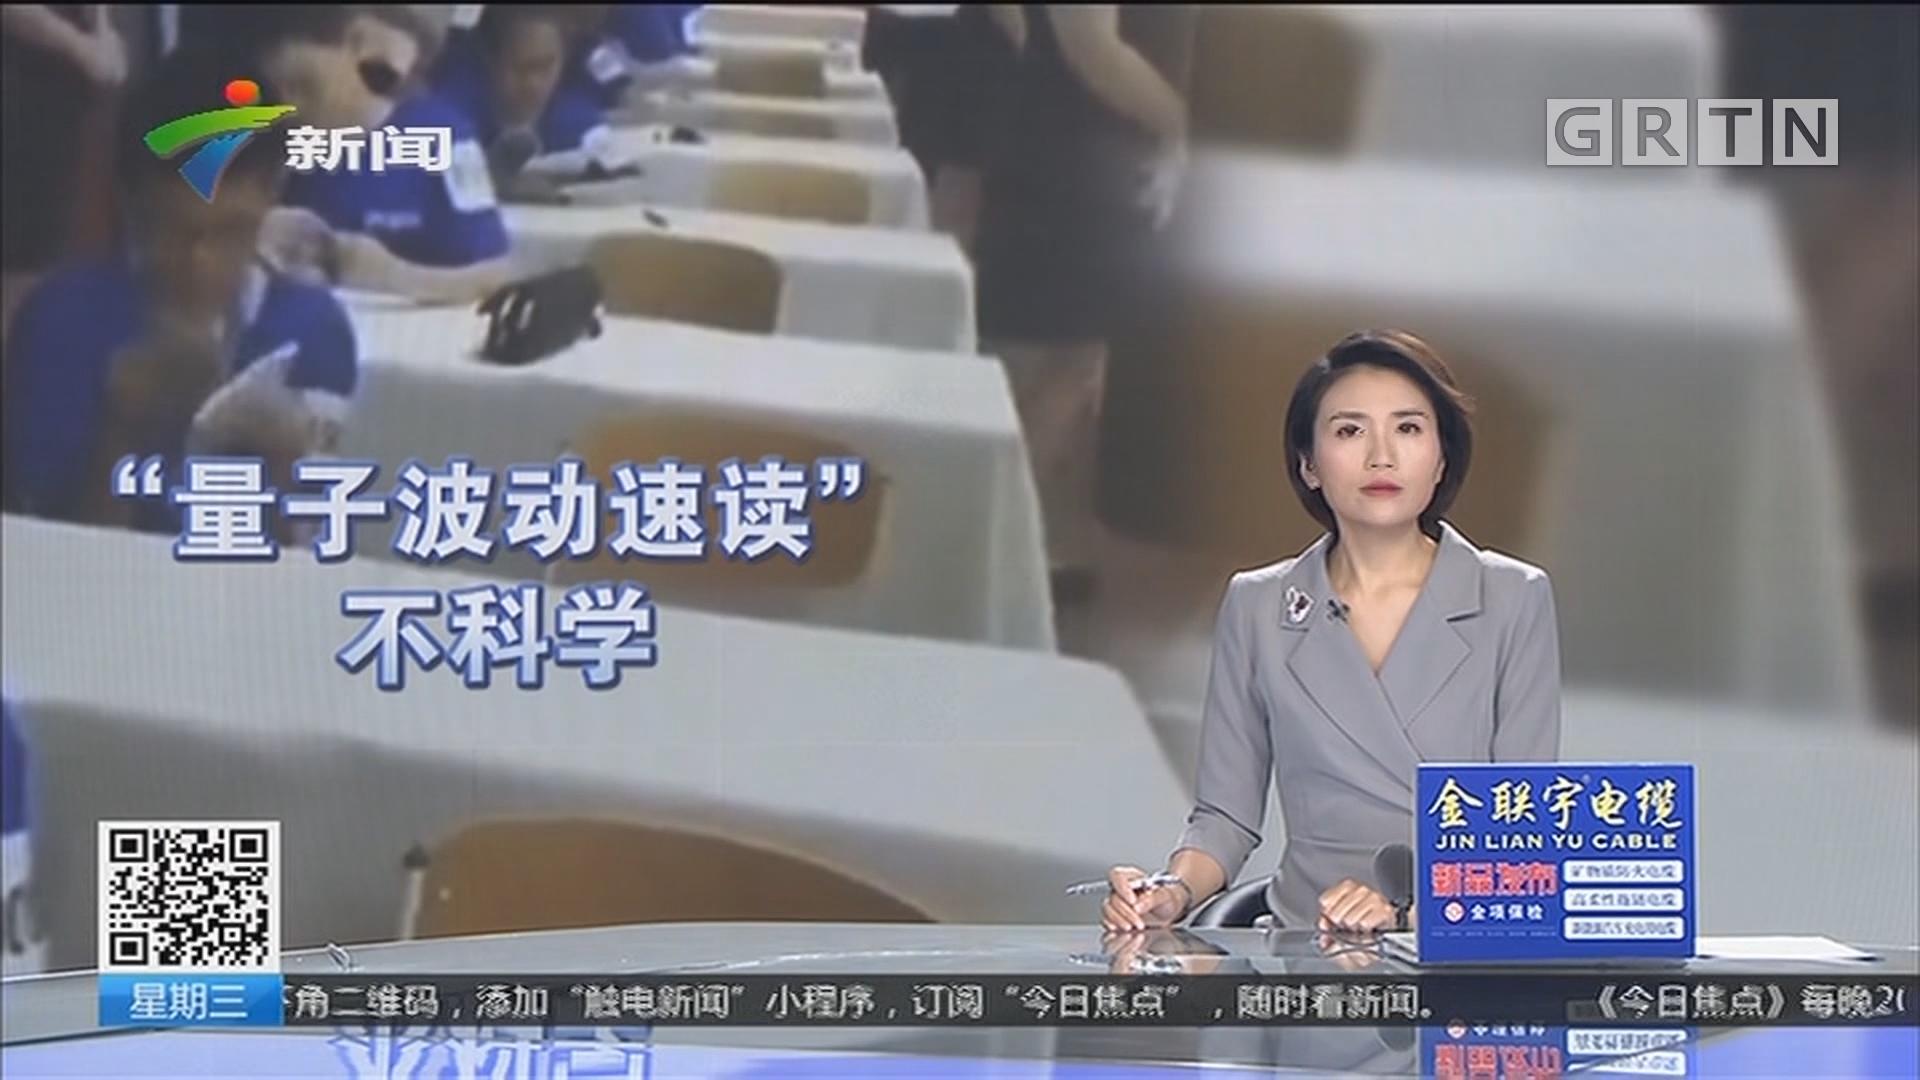 """广州:科学吗?""""量子波动速读"""" 1分钟读10万字"""